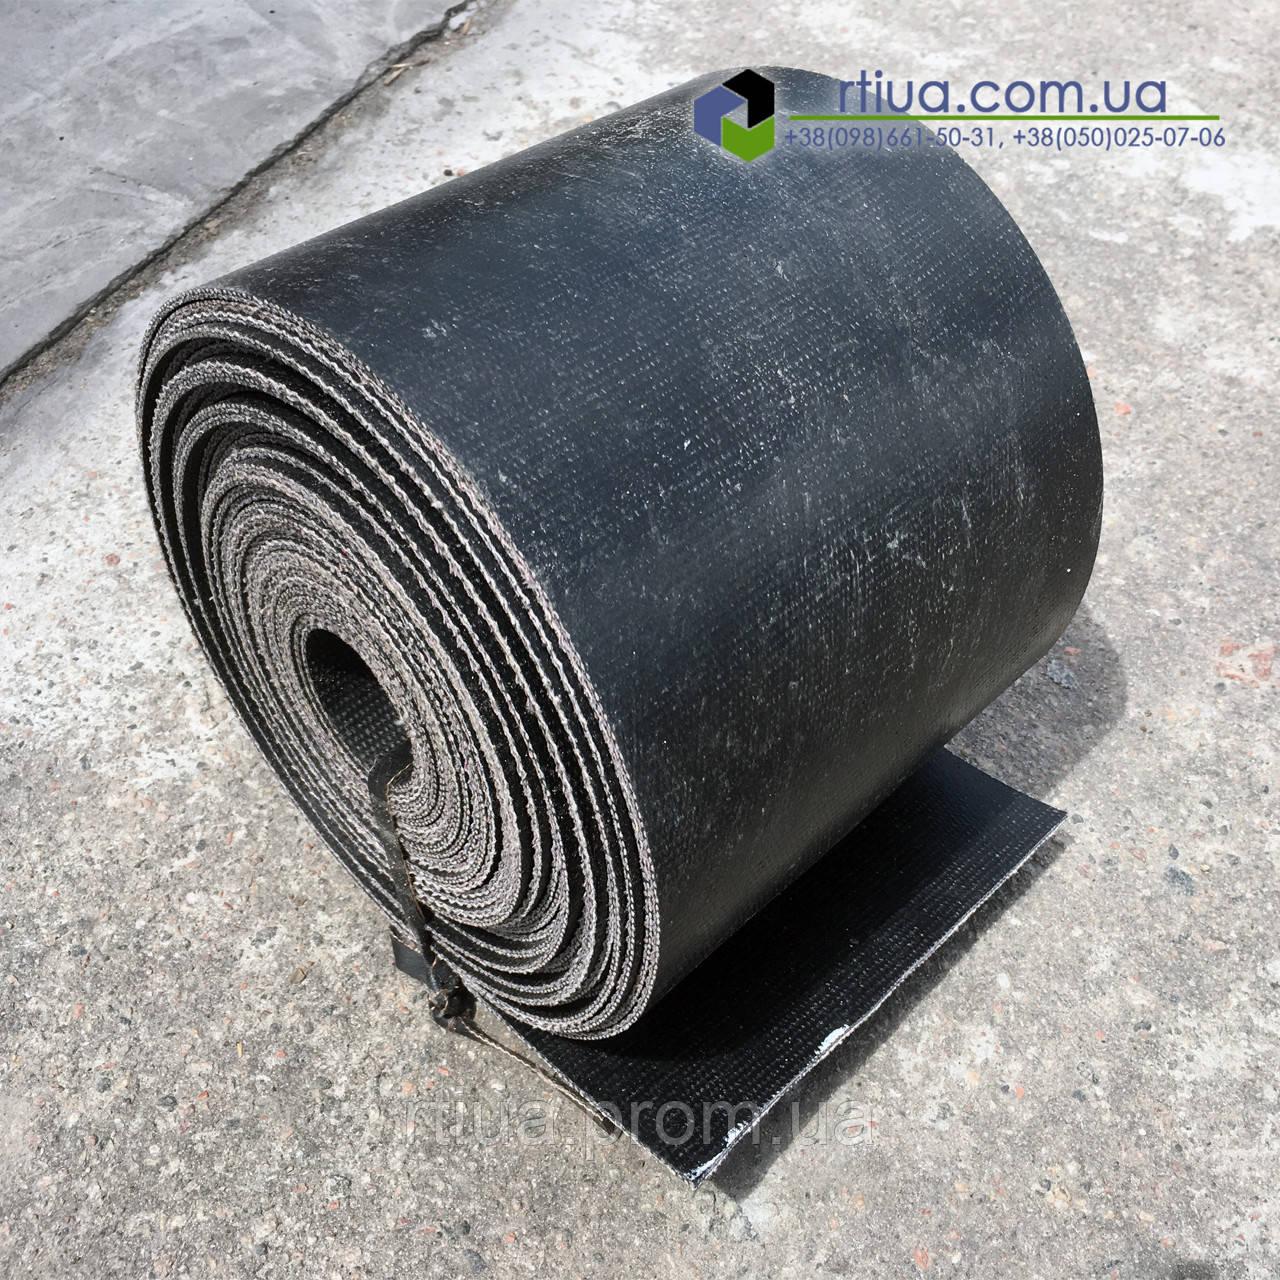 Транспортерная лента БКНЛ, 650х6 мм